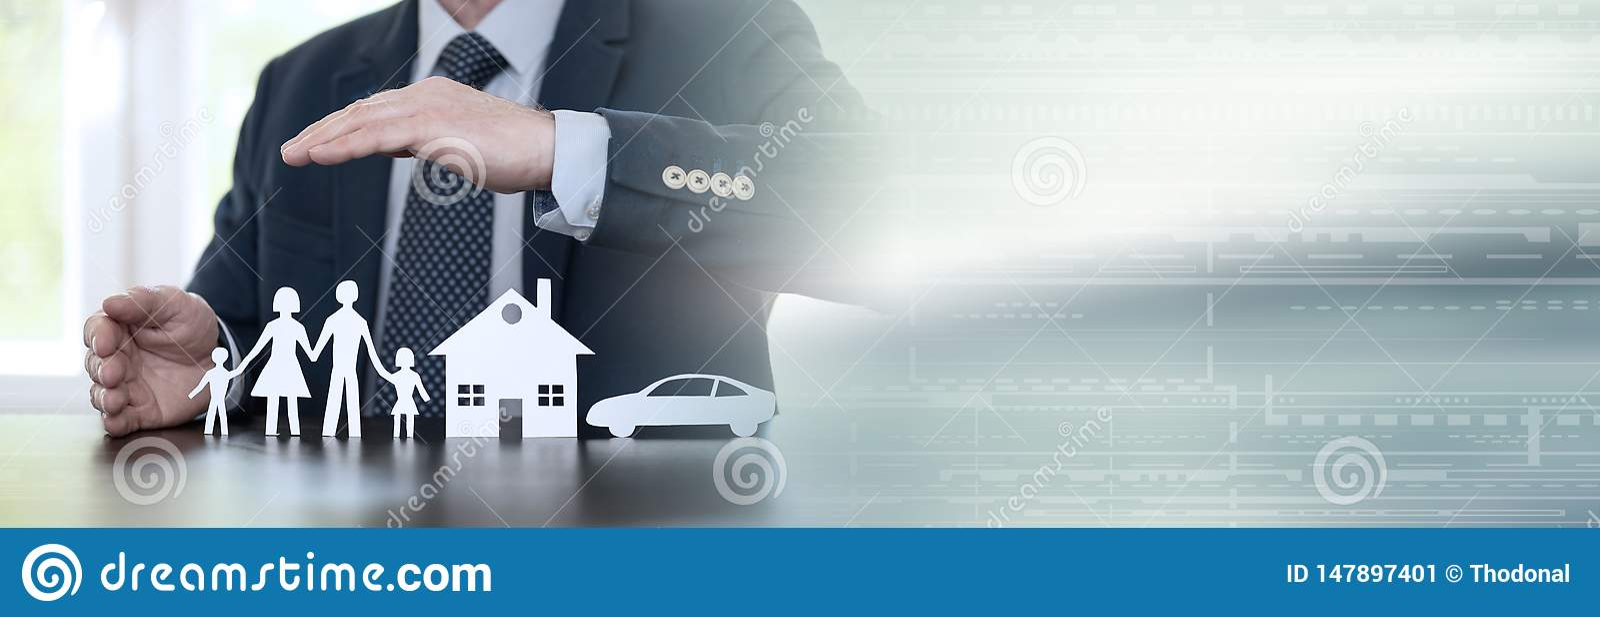 Concept familie, huis en autoverzekering Panoramische banner